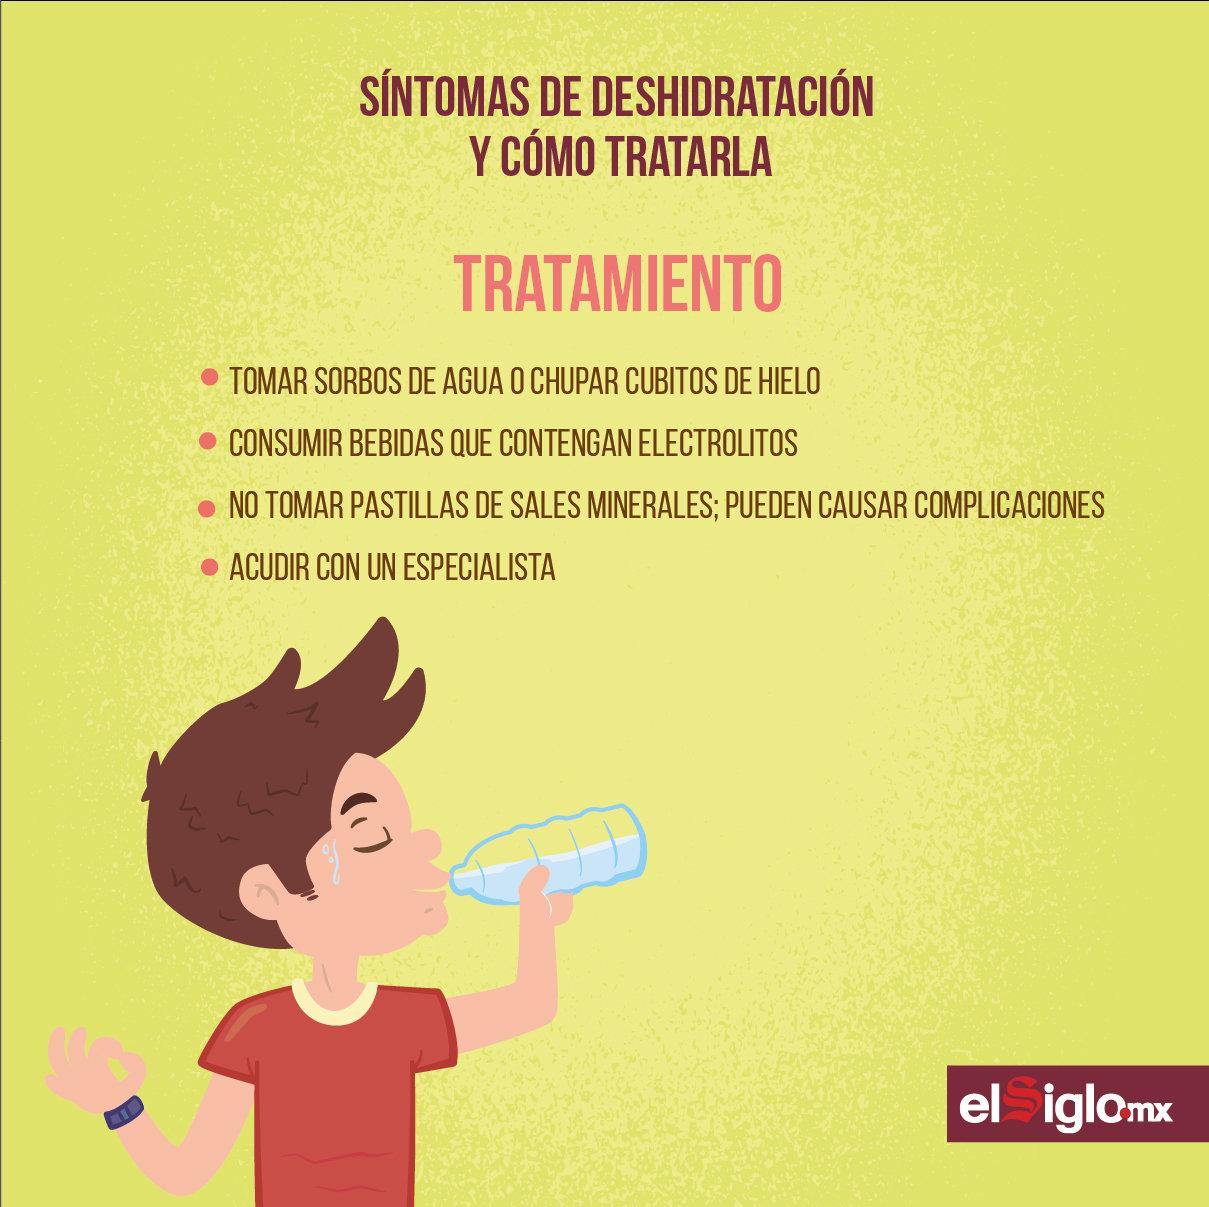 Deshidratacion sintomas